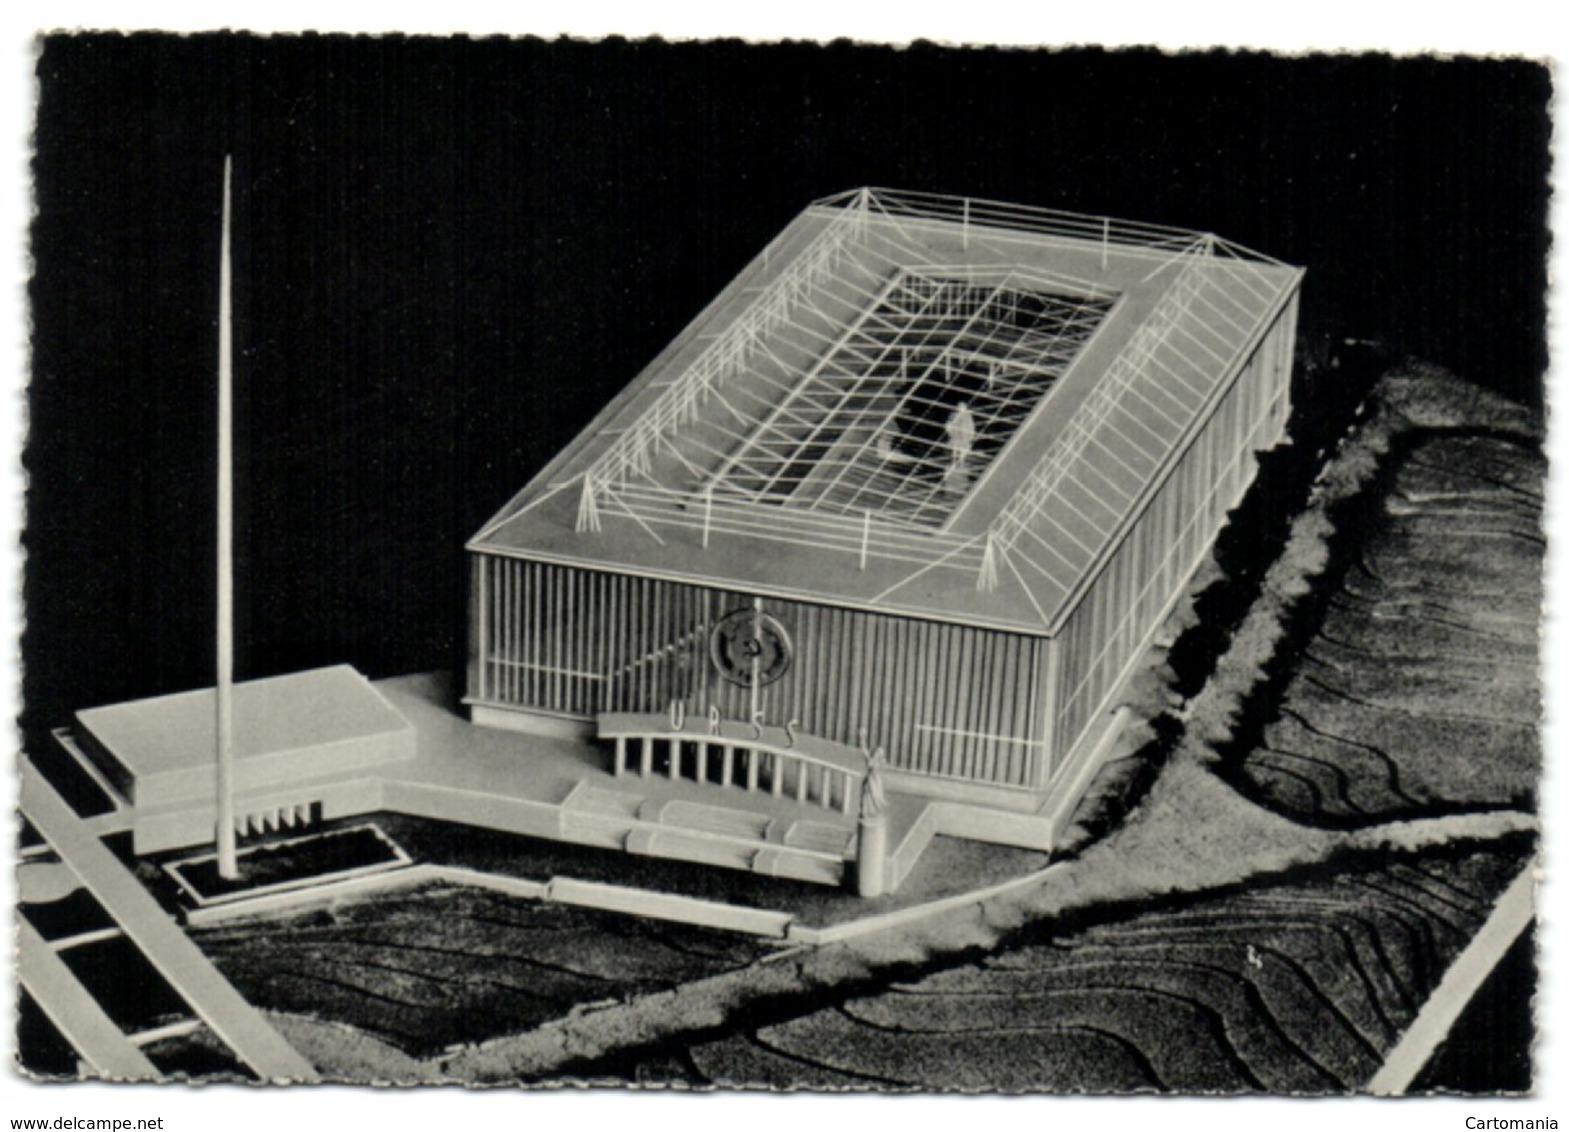 Exposition Universelle De Bruxelles 1958 - Pavillon De L'U.R.S.S. - Expositions Universelles